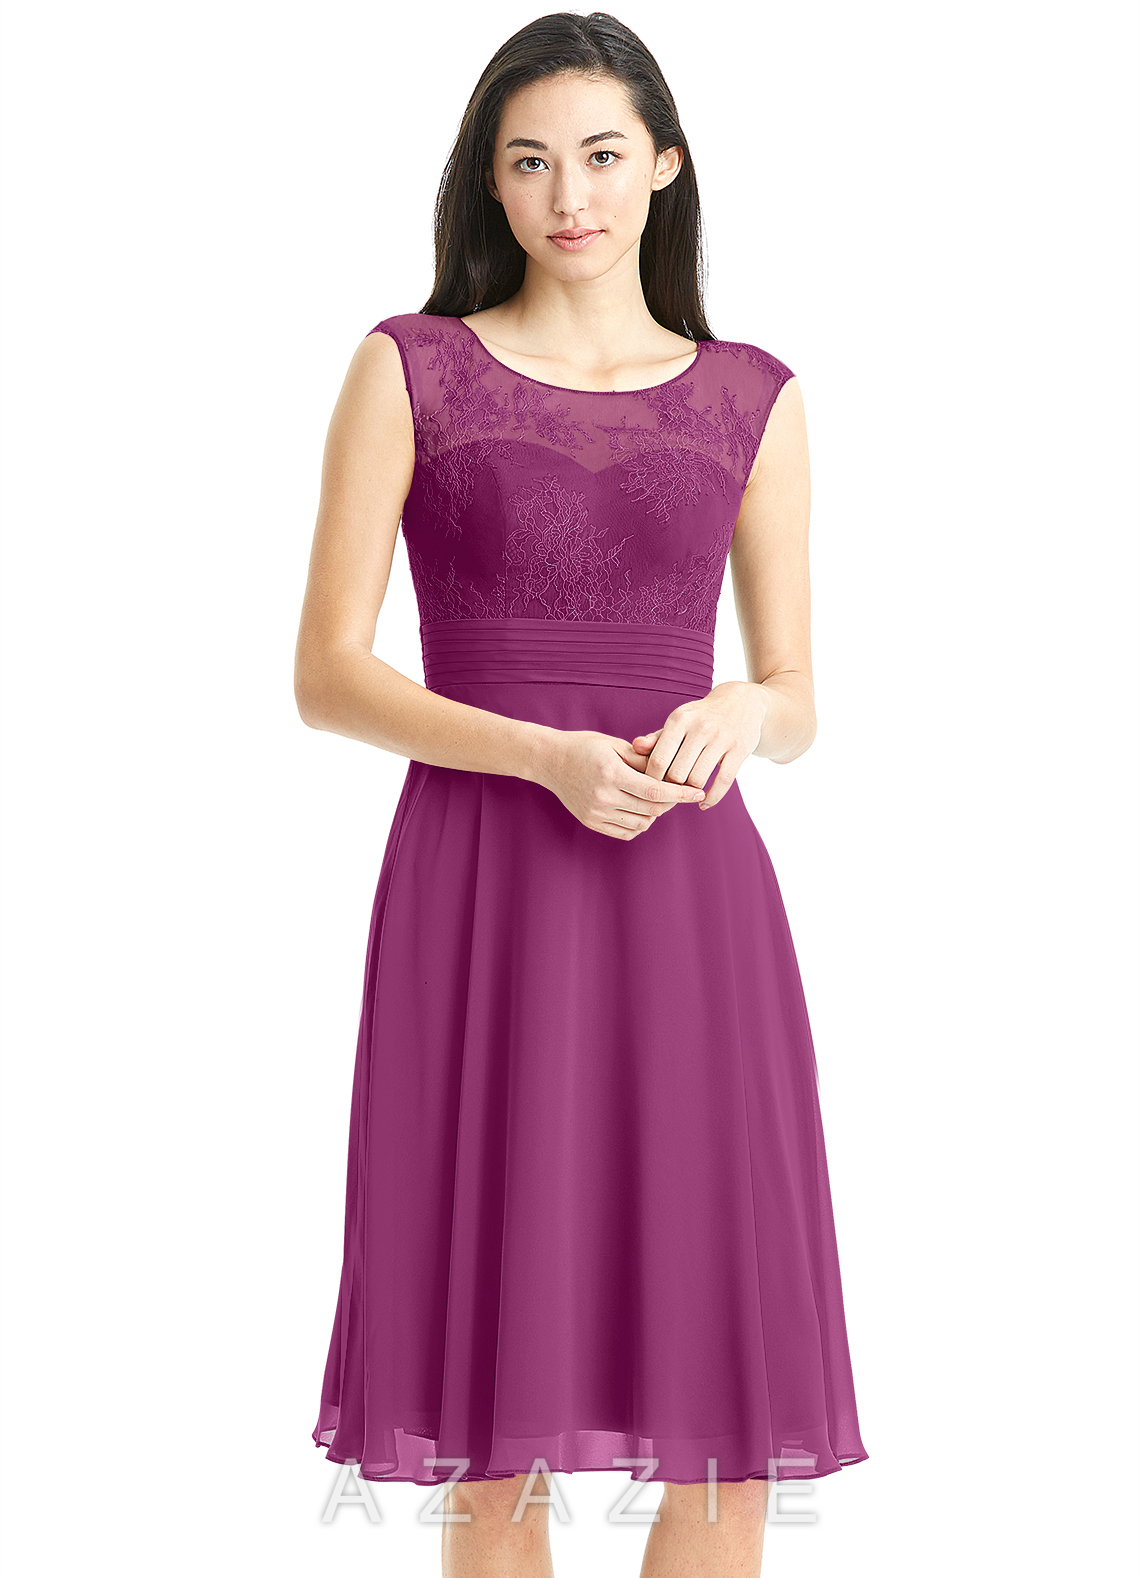 Azazie Missy Bridesmaid Dress | Azazie